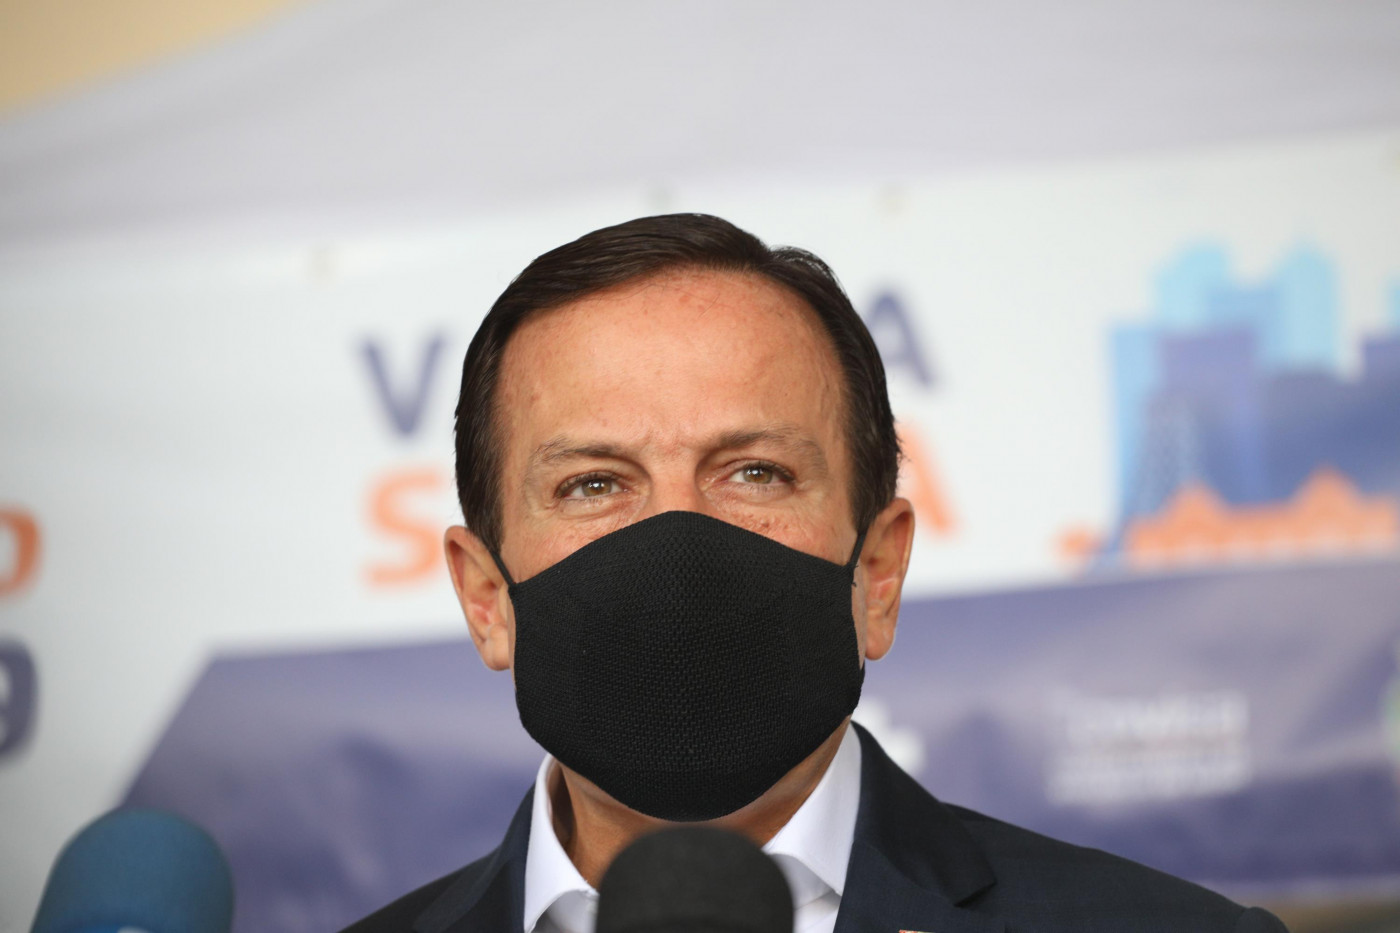 Homem de terno e gravata usando máscara preta diante de fundo com os dizeres 'vacina salva'